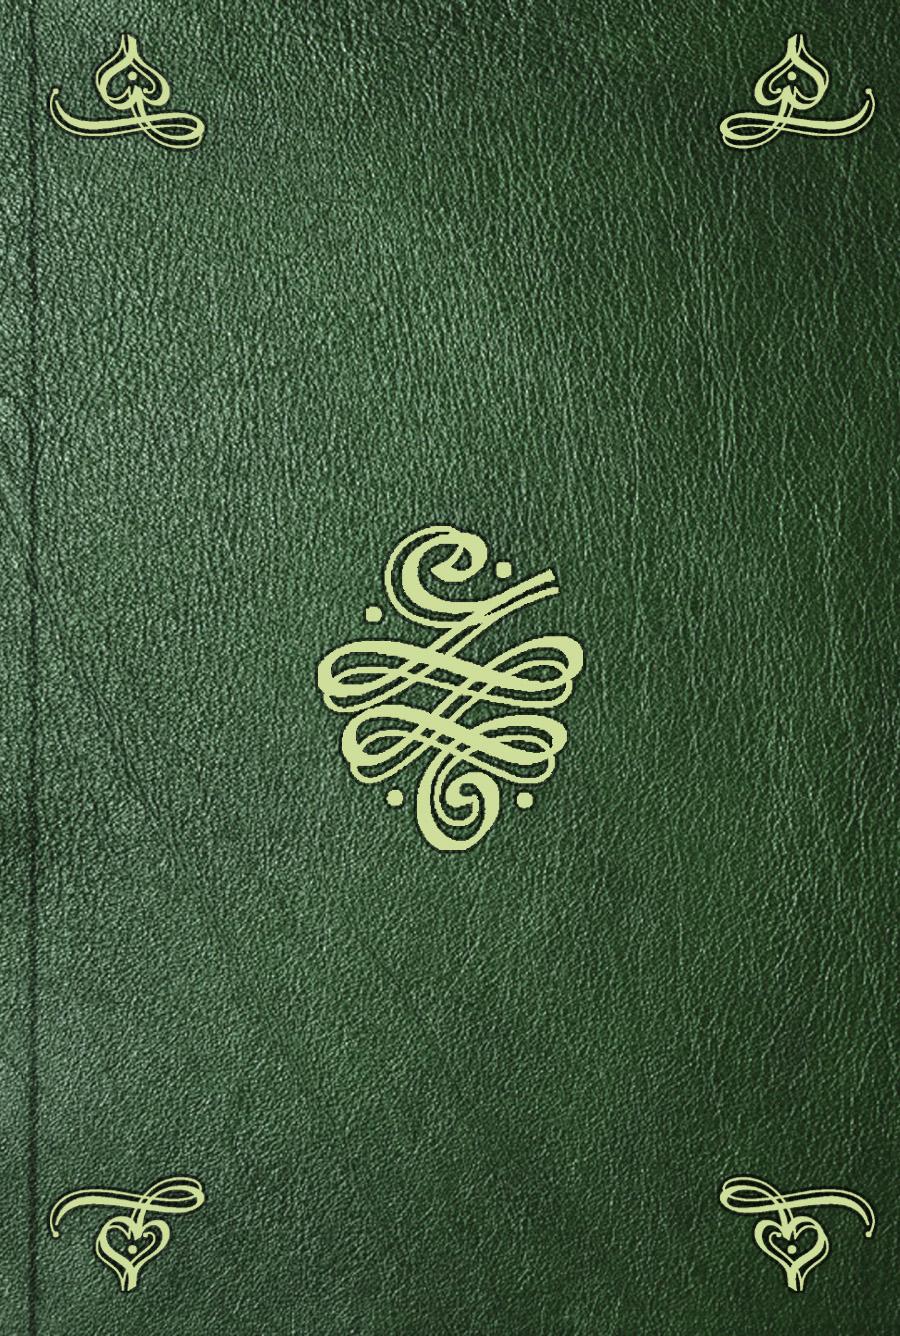 Жан-Жак Руссо Recueil de lettres. T. 2 charlotte elizabeth de baviere fragmens de lettres originales t 2